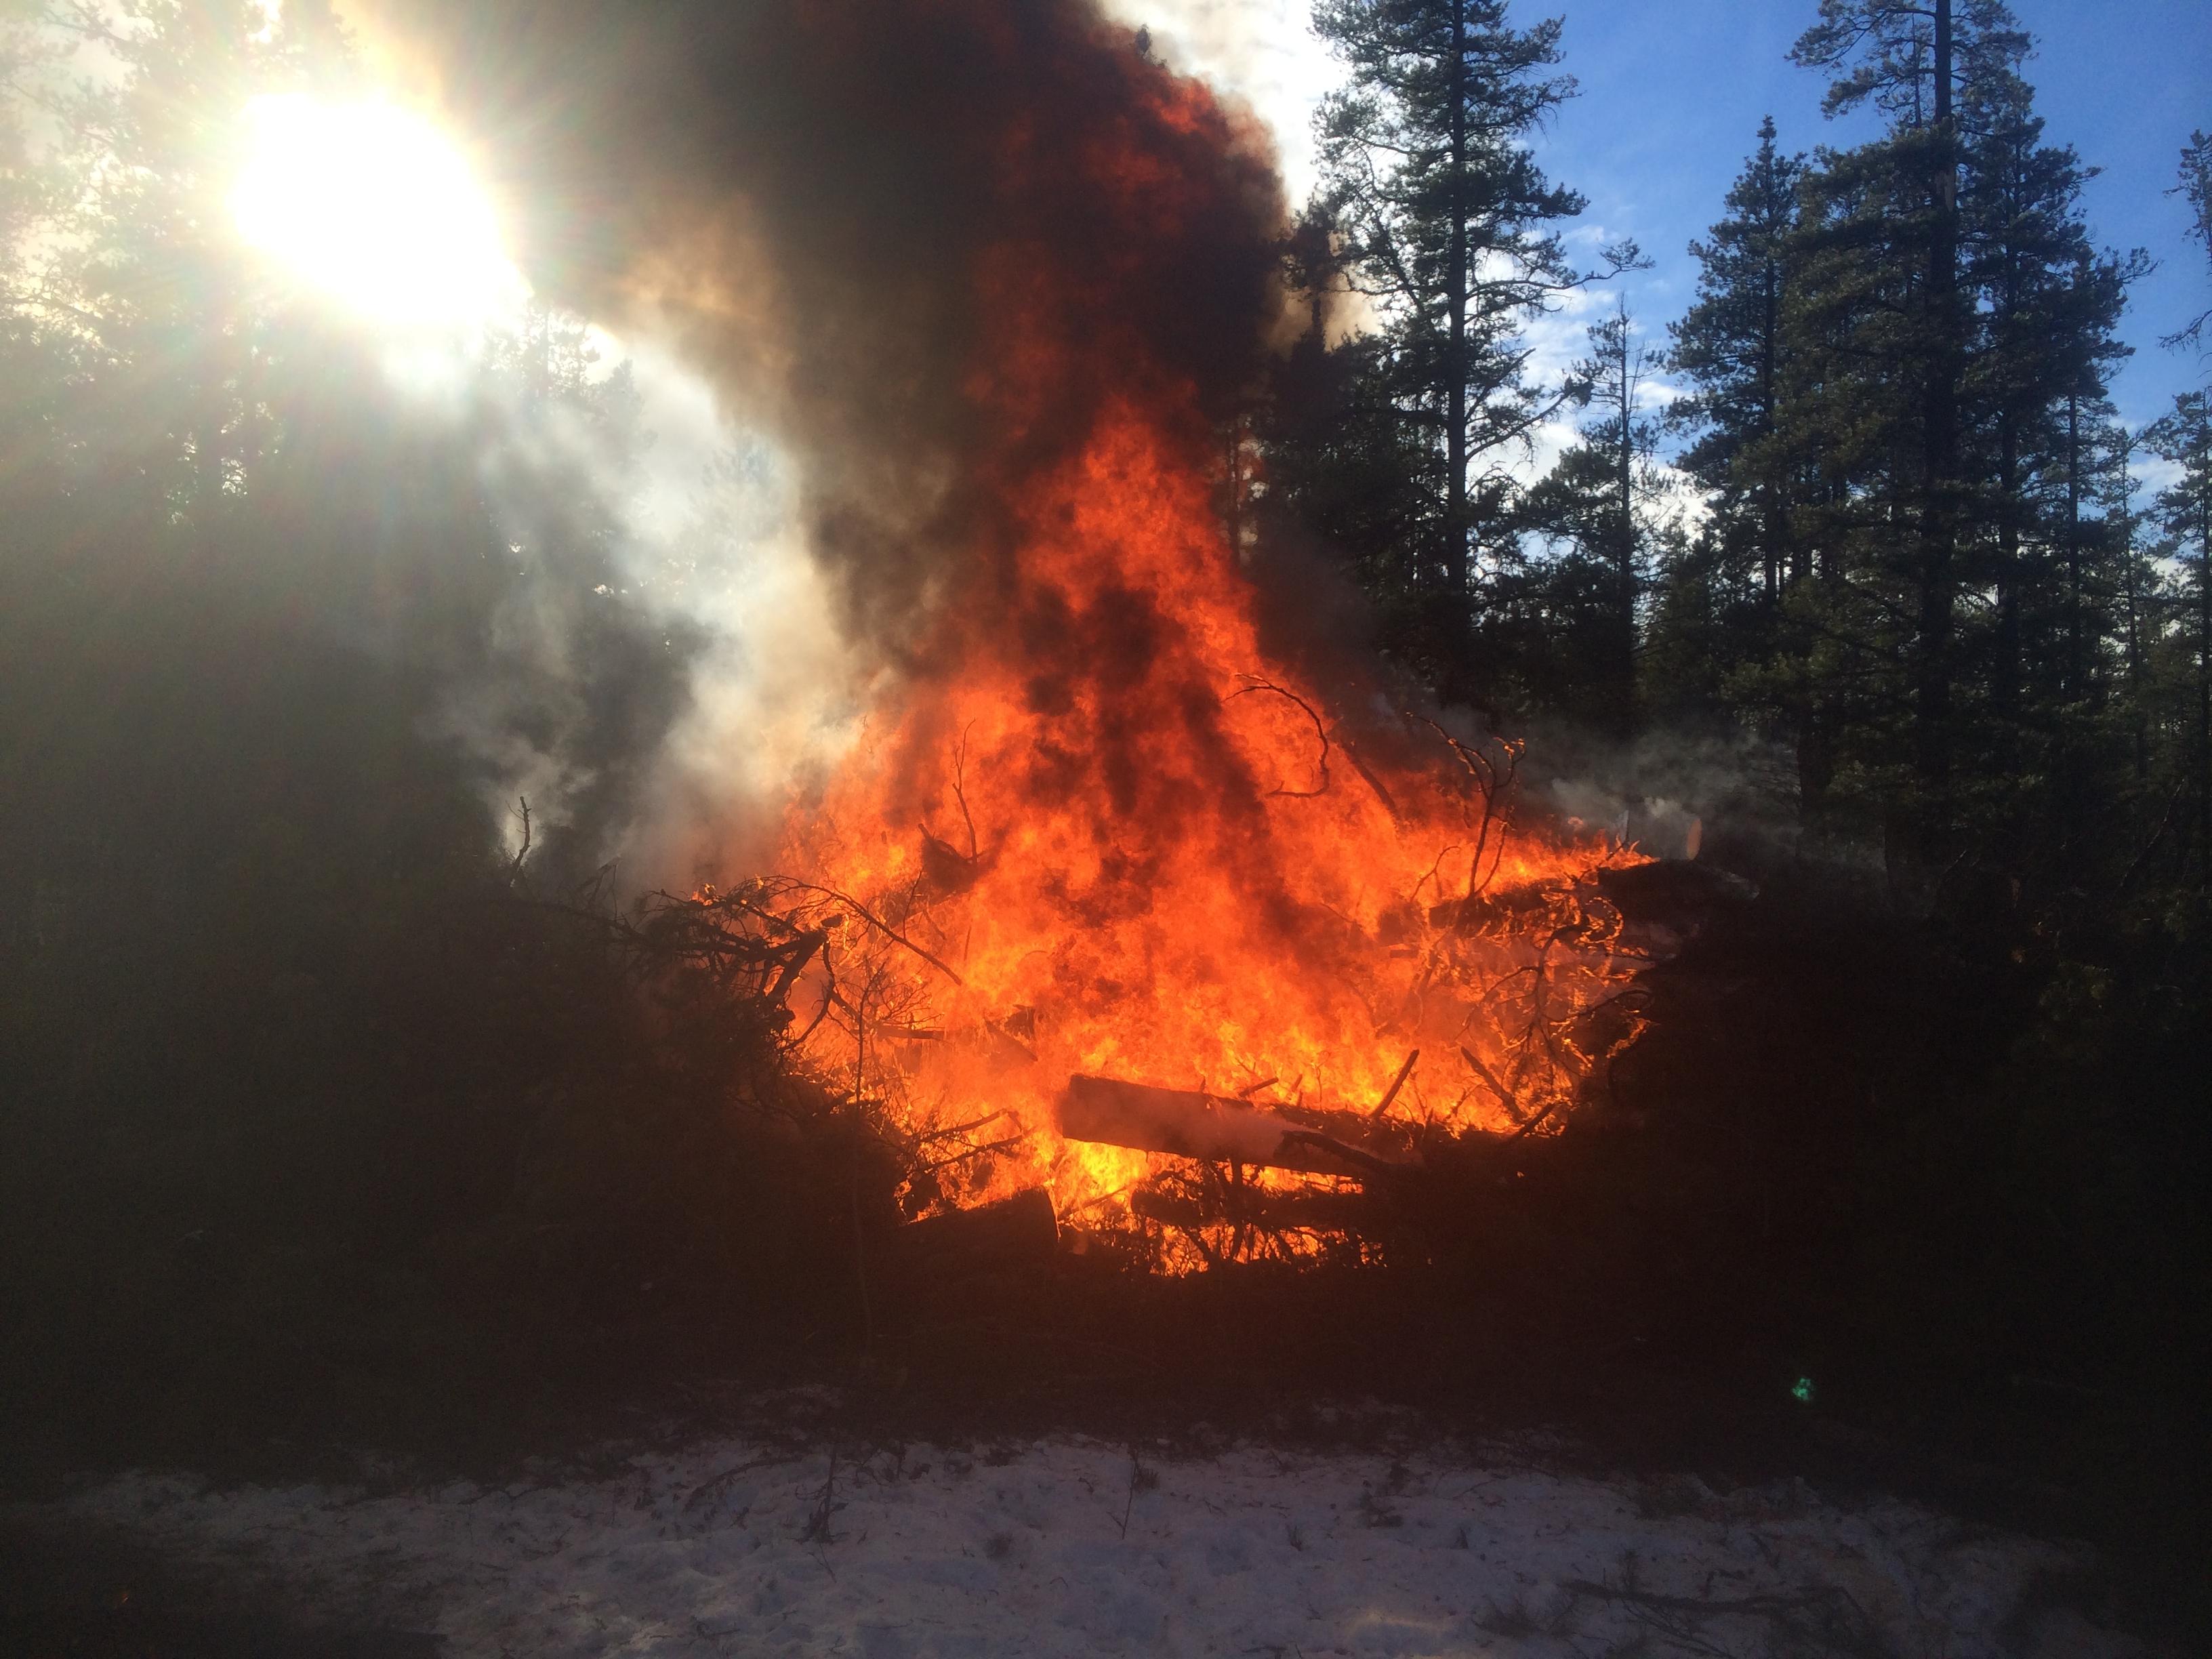 Heli fall and burn